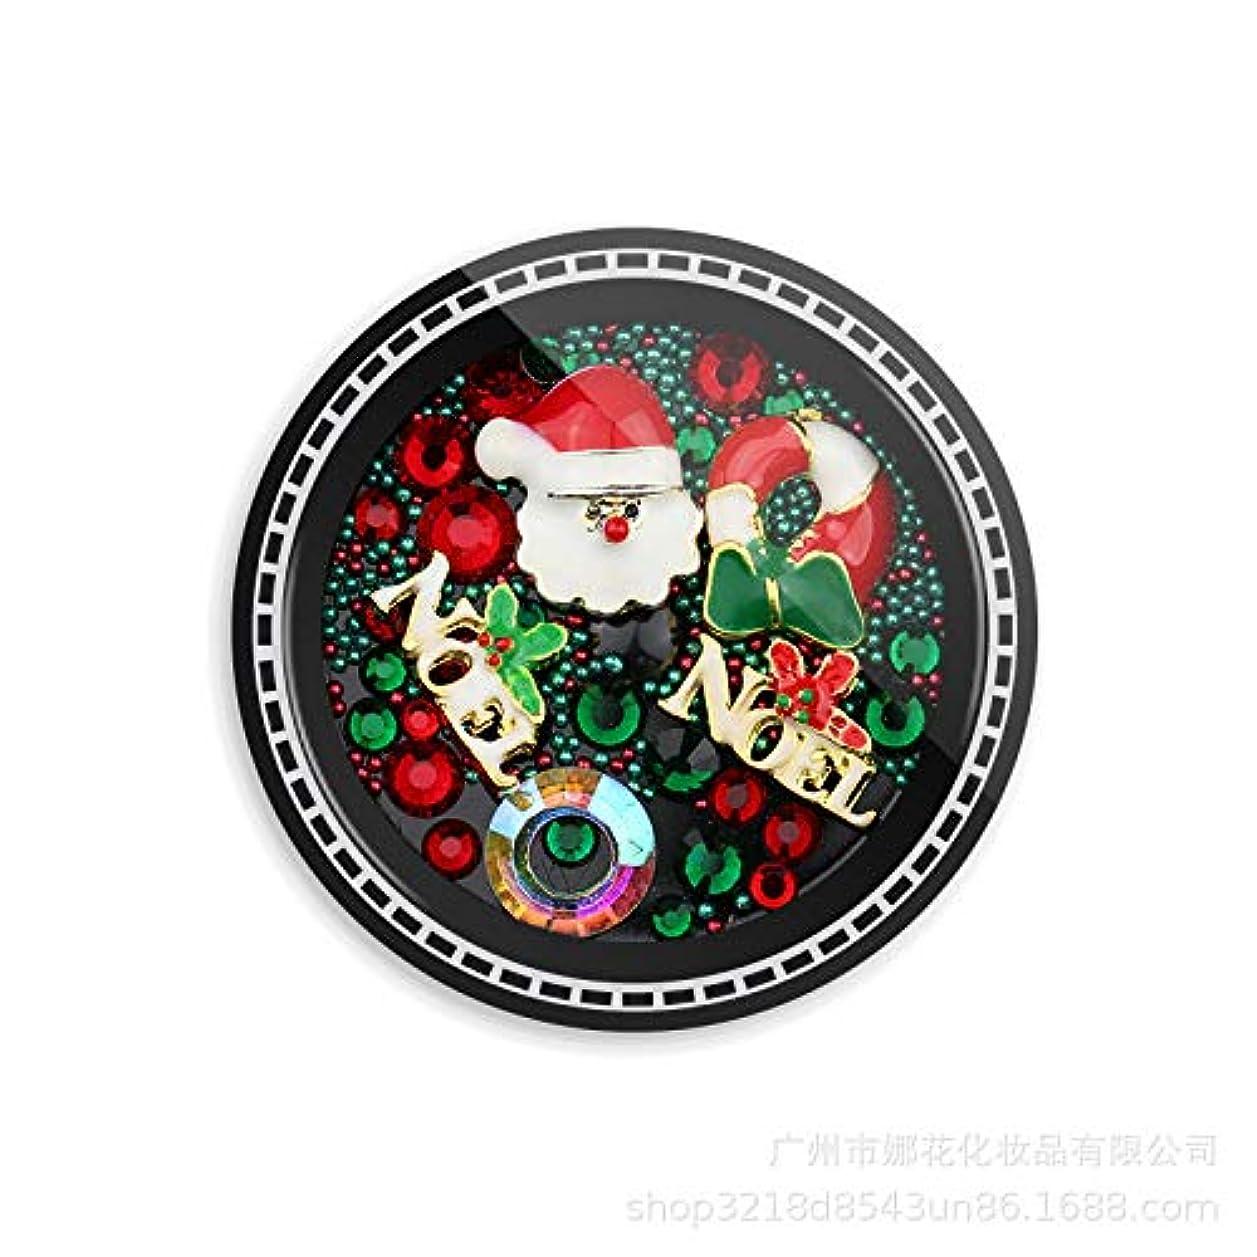 賢明な優れました調べるネイルアート メタルパーツ ネイルパール 3Dネイルシール クリスマス ネイルデコレーション かわいい プレゼント